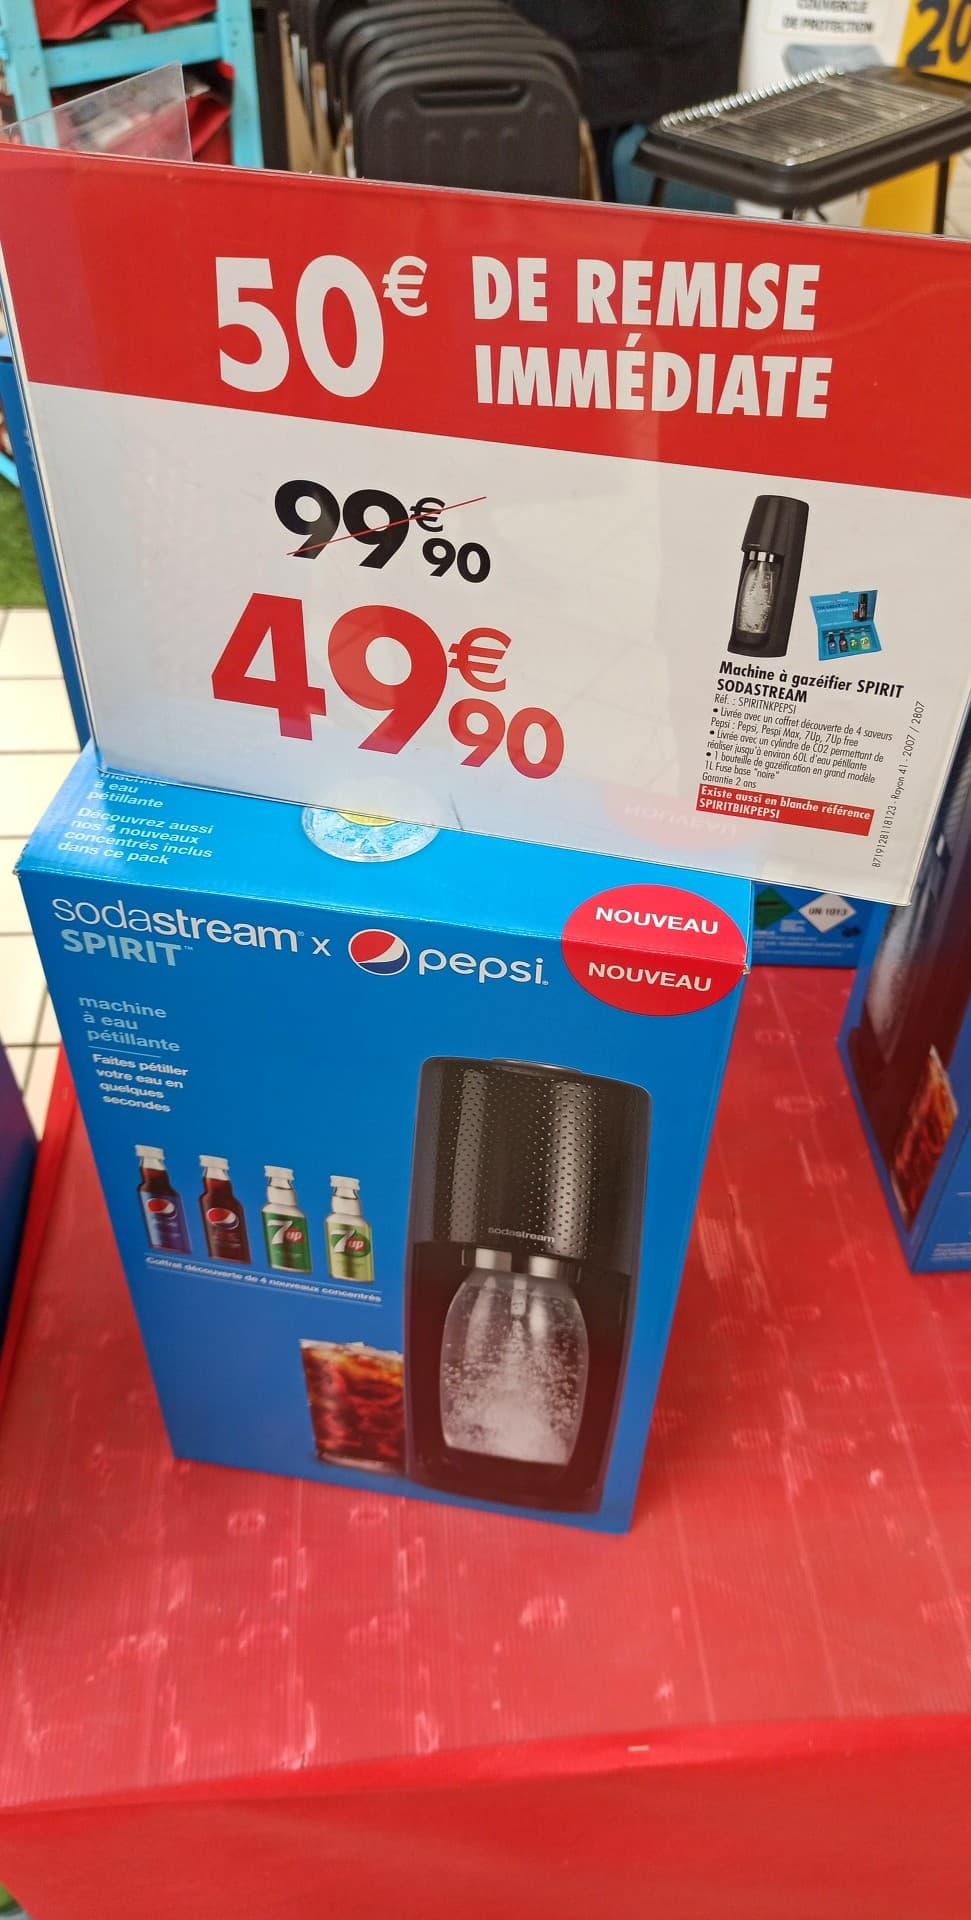 Machine à gazéifier SodaStream Spirit x Pepsi - Carrefour Nimes Sud (30)